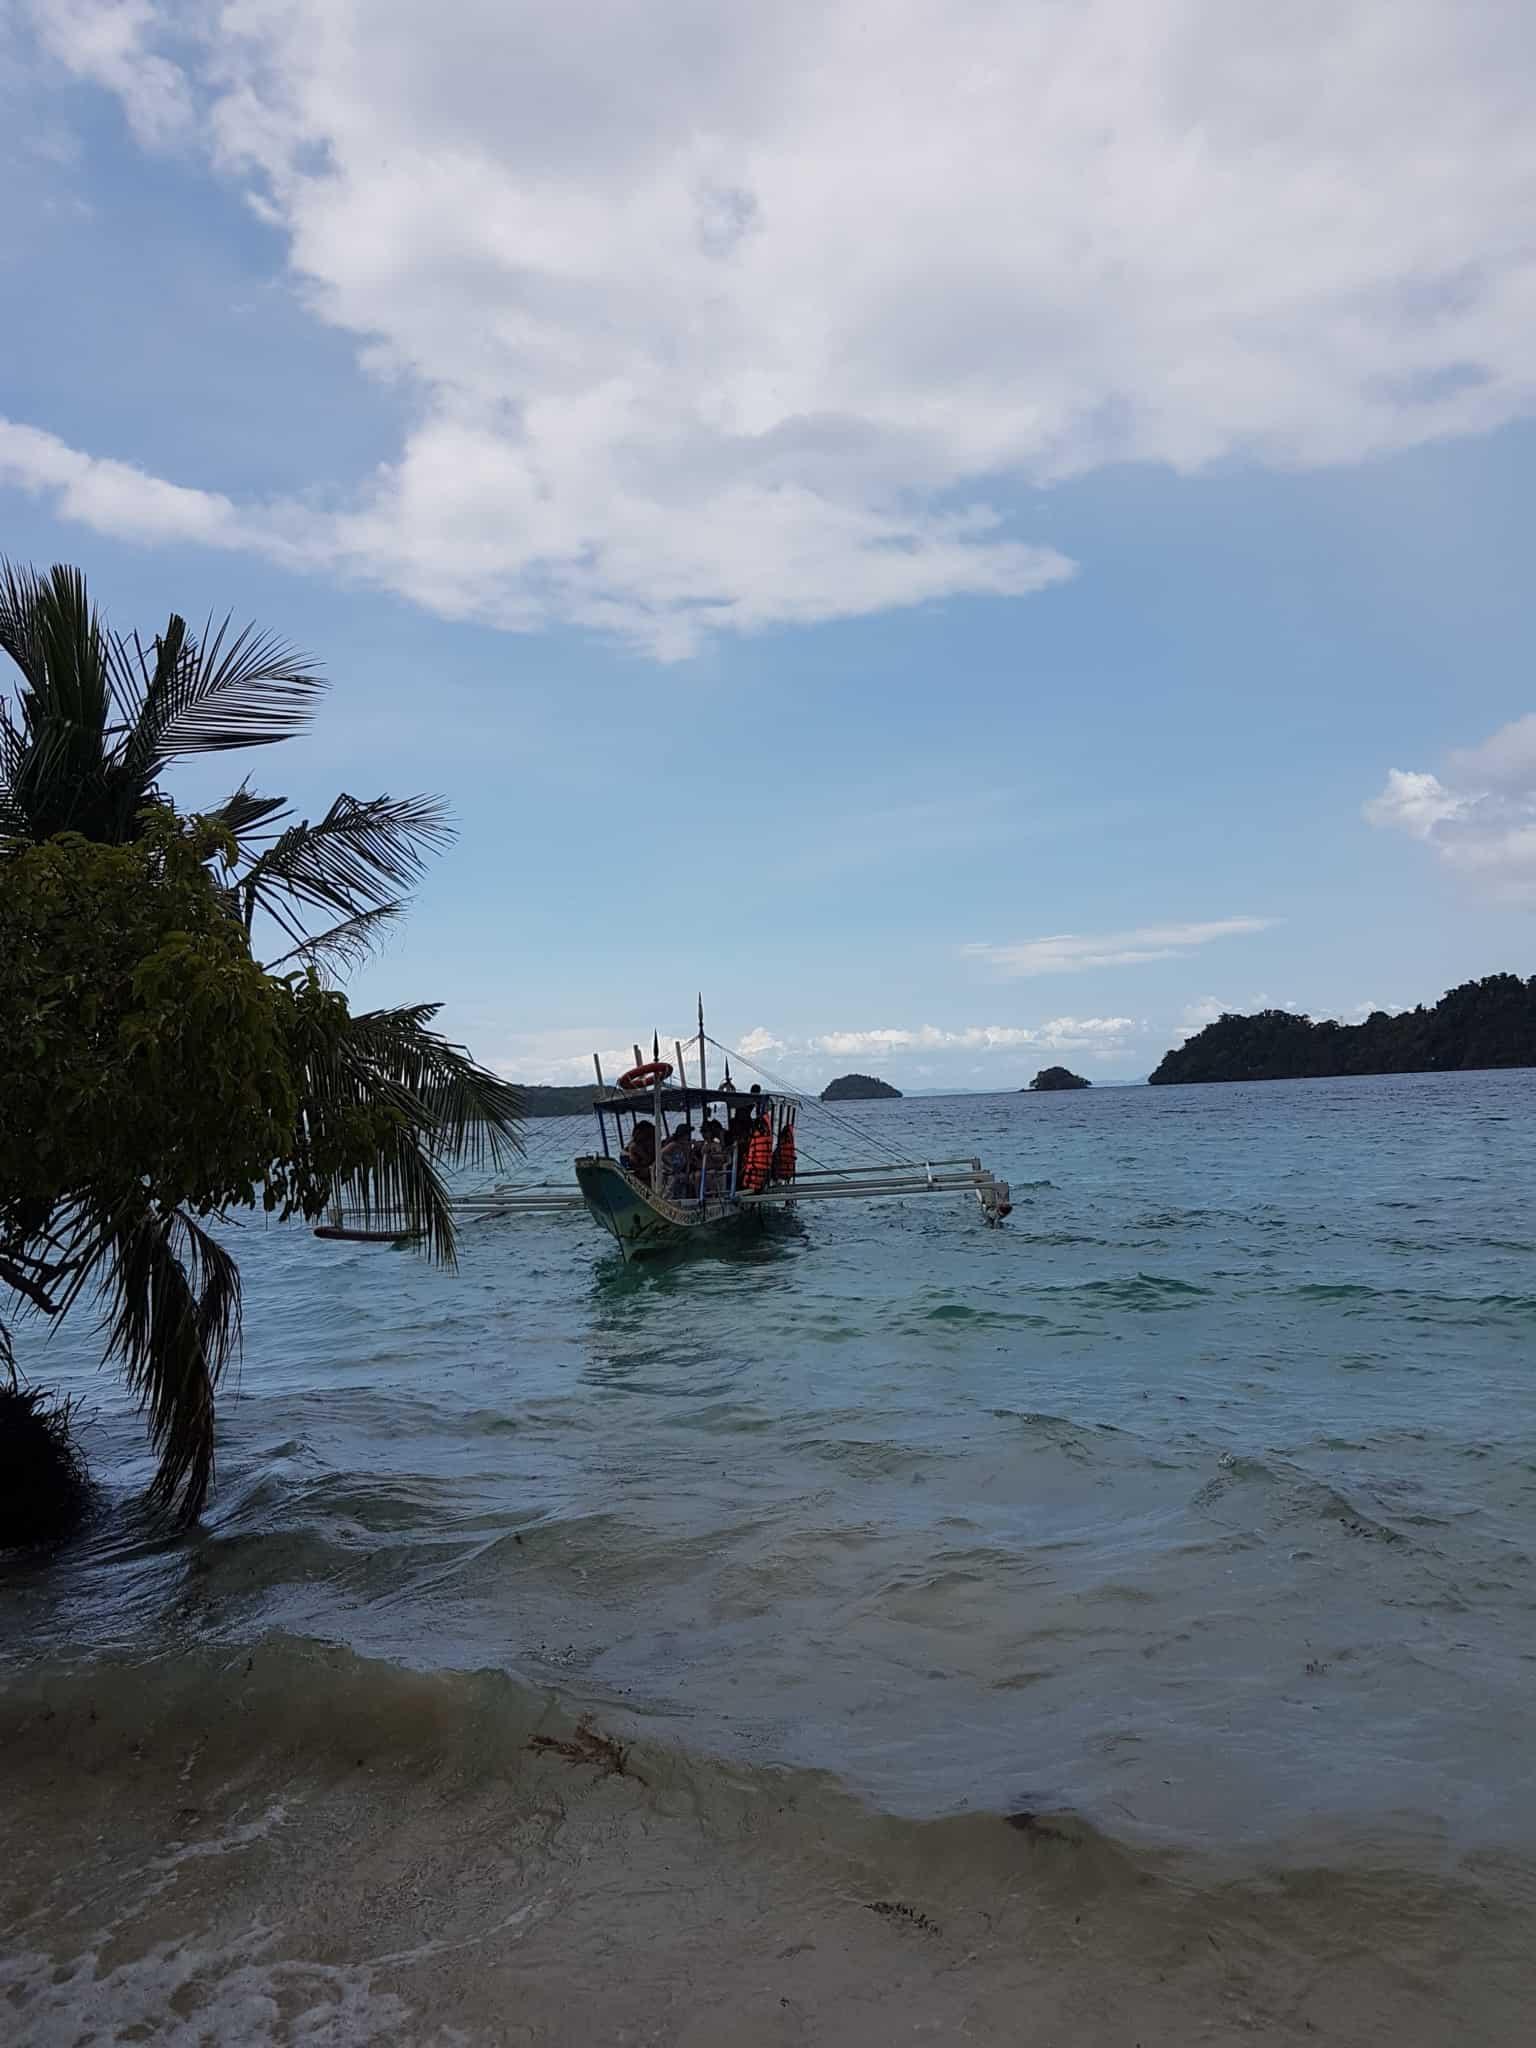 Philippines, comment je me suis retrouvée seule sur une île déserte 🧜♀️ 22